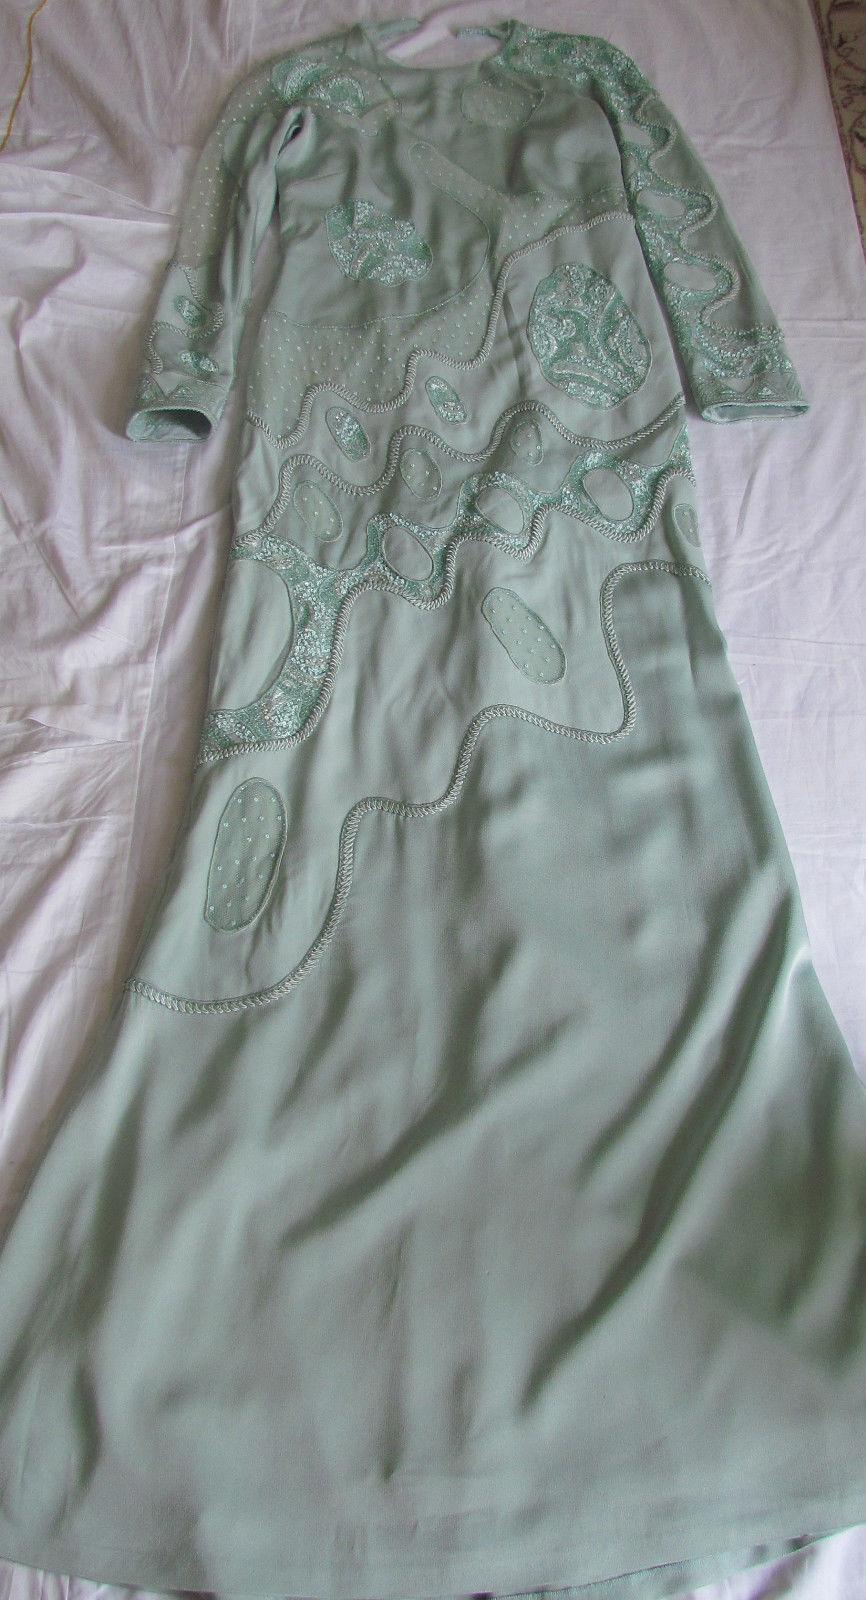 EMILIO EMILIO EMILIO PUCCI Runway Embellished,Lace Parts,Long dress It 44,US 8-10,M-L 685a14